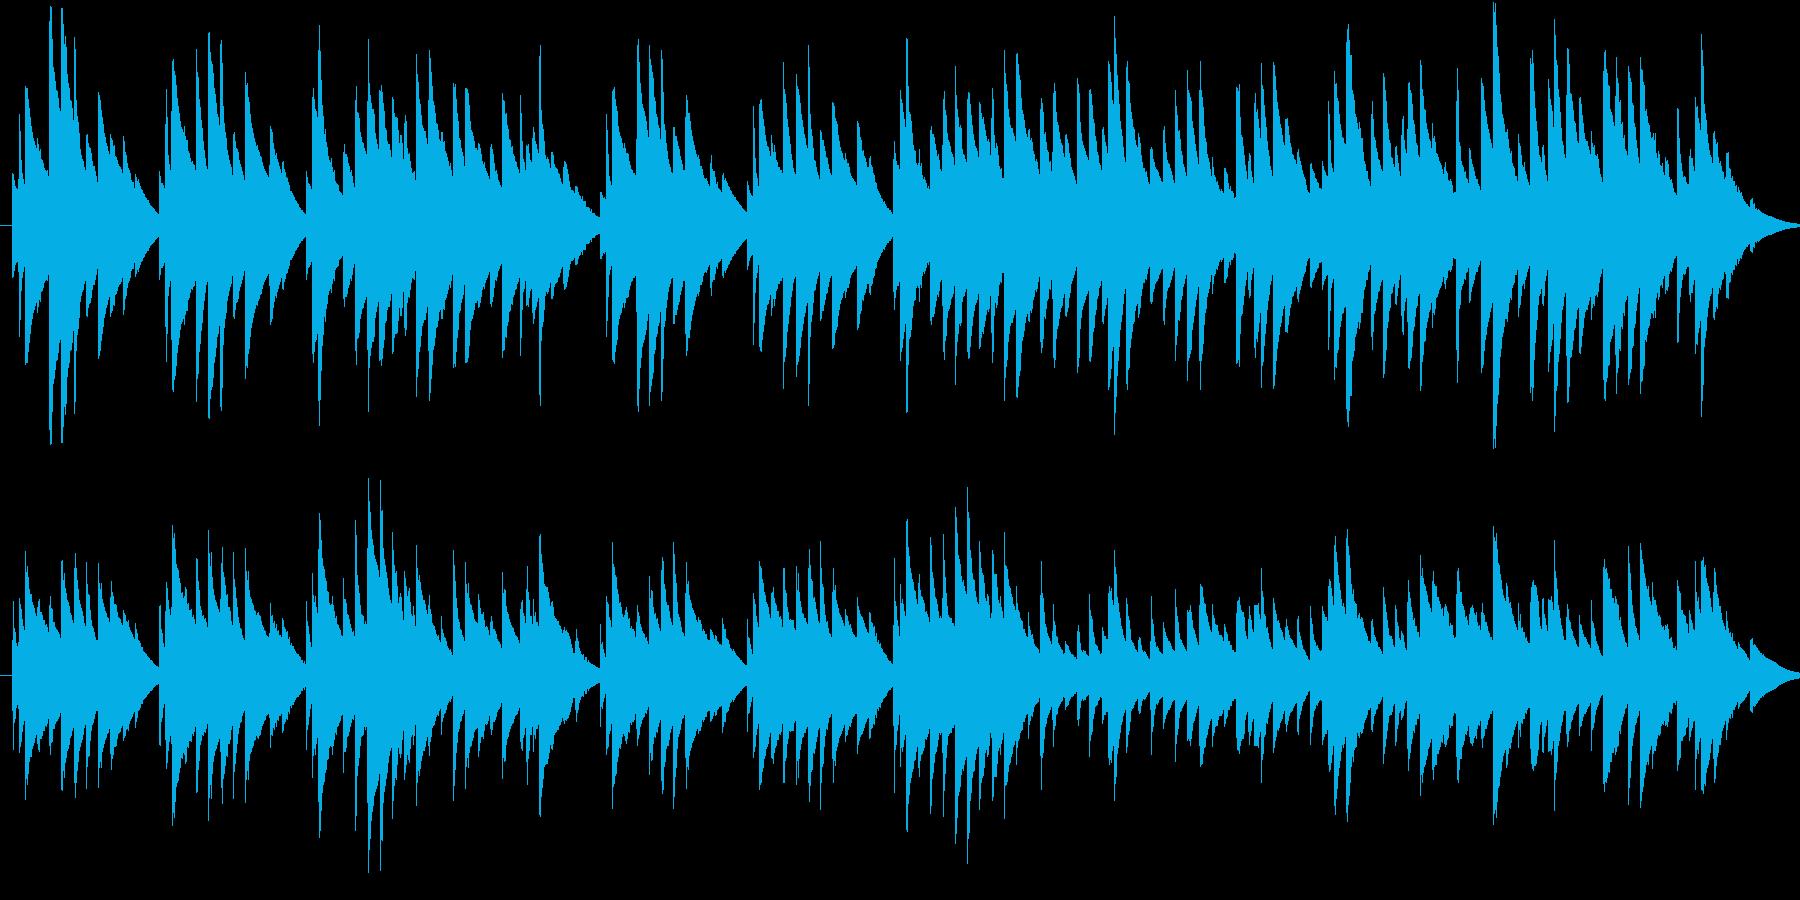 オルゴールの曲で、着信音またはオルゴー…の再生済みの波形